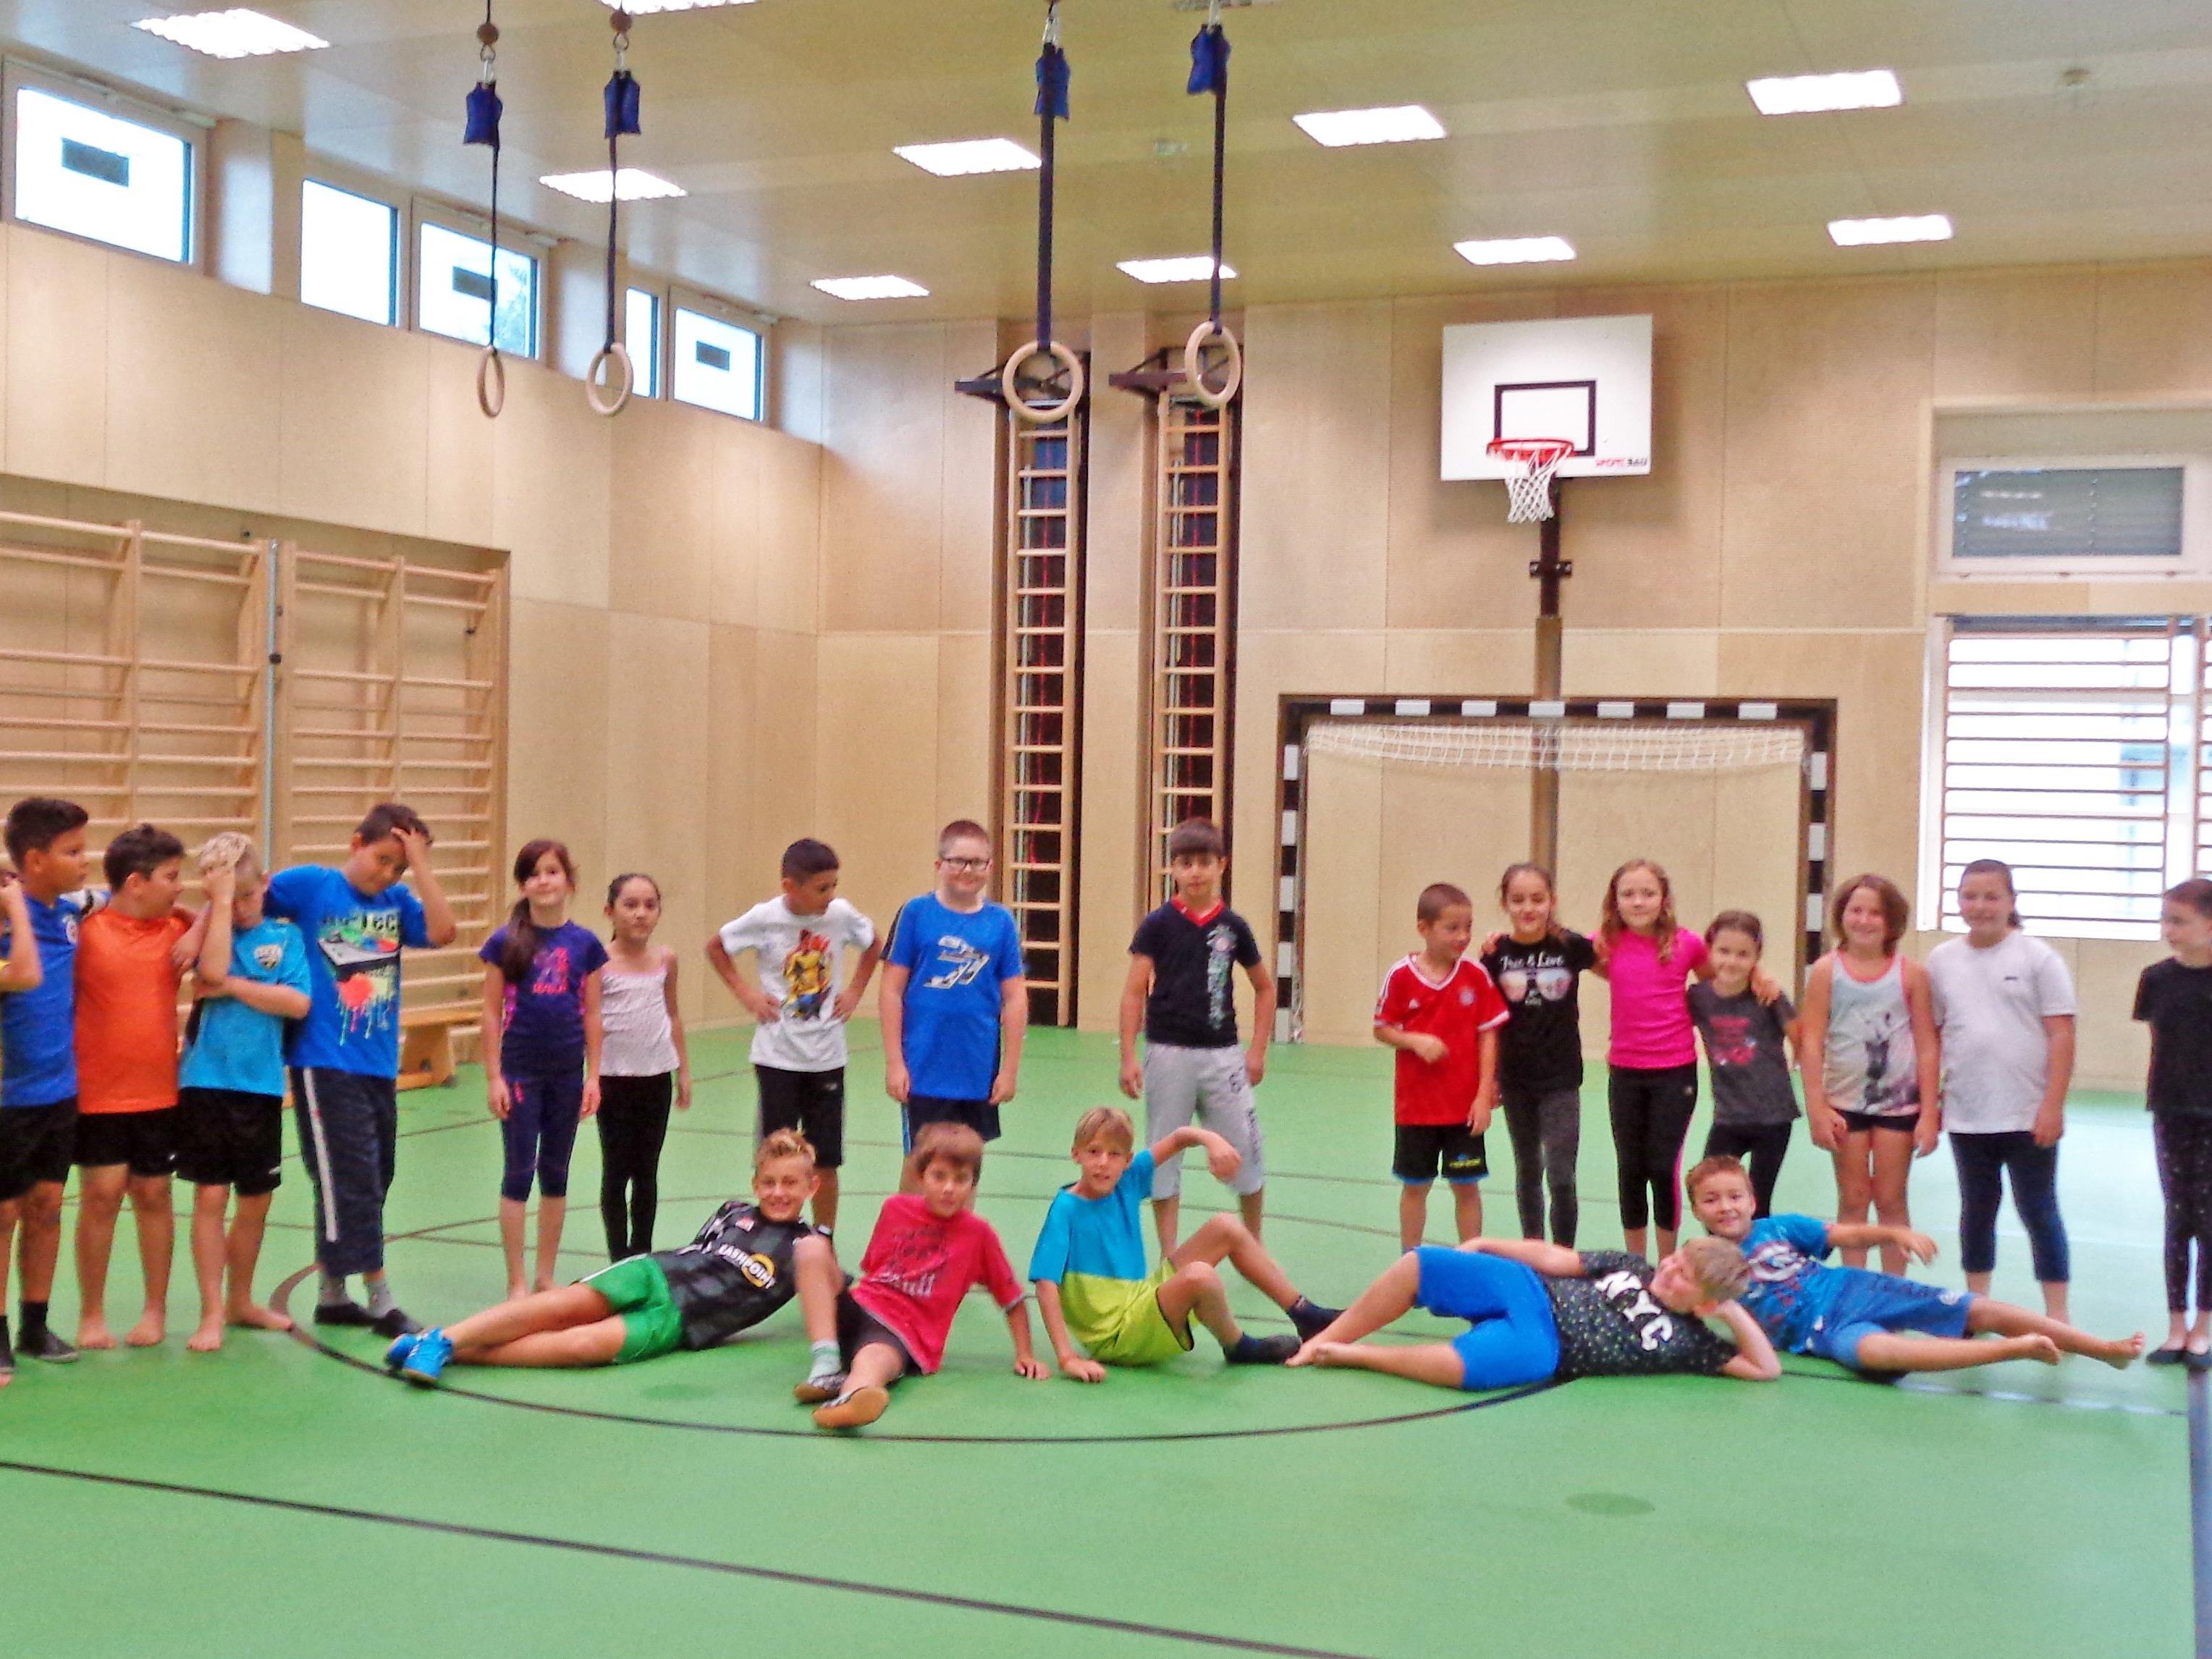 Die Schüler/innen freuen sich schon auf die Turnstunden in der neuen Halle.